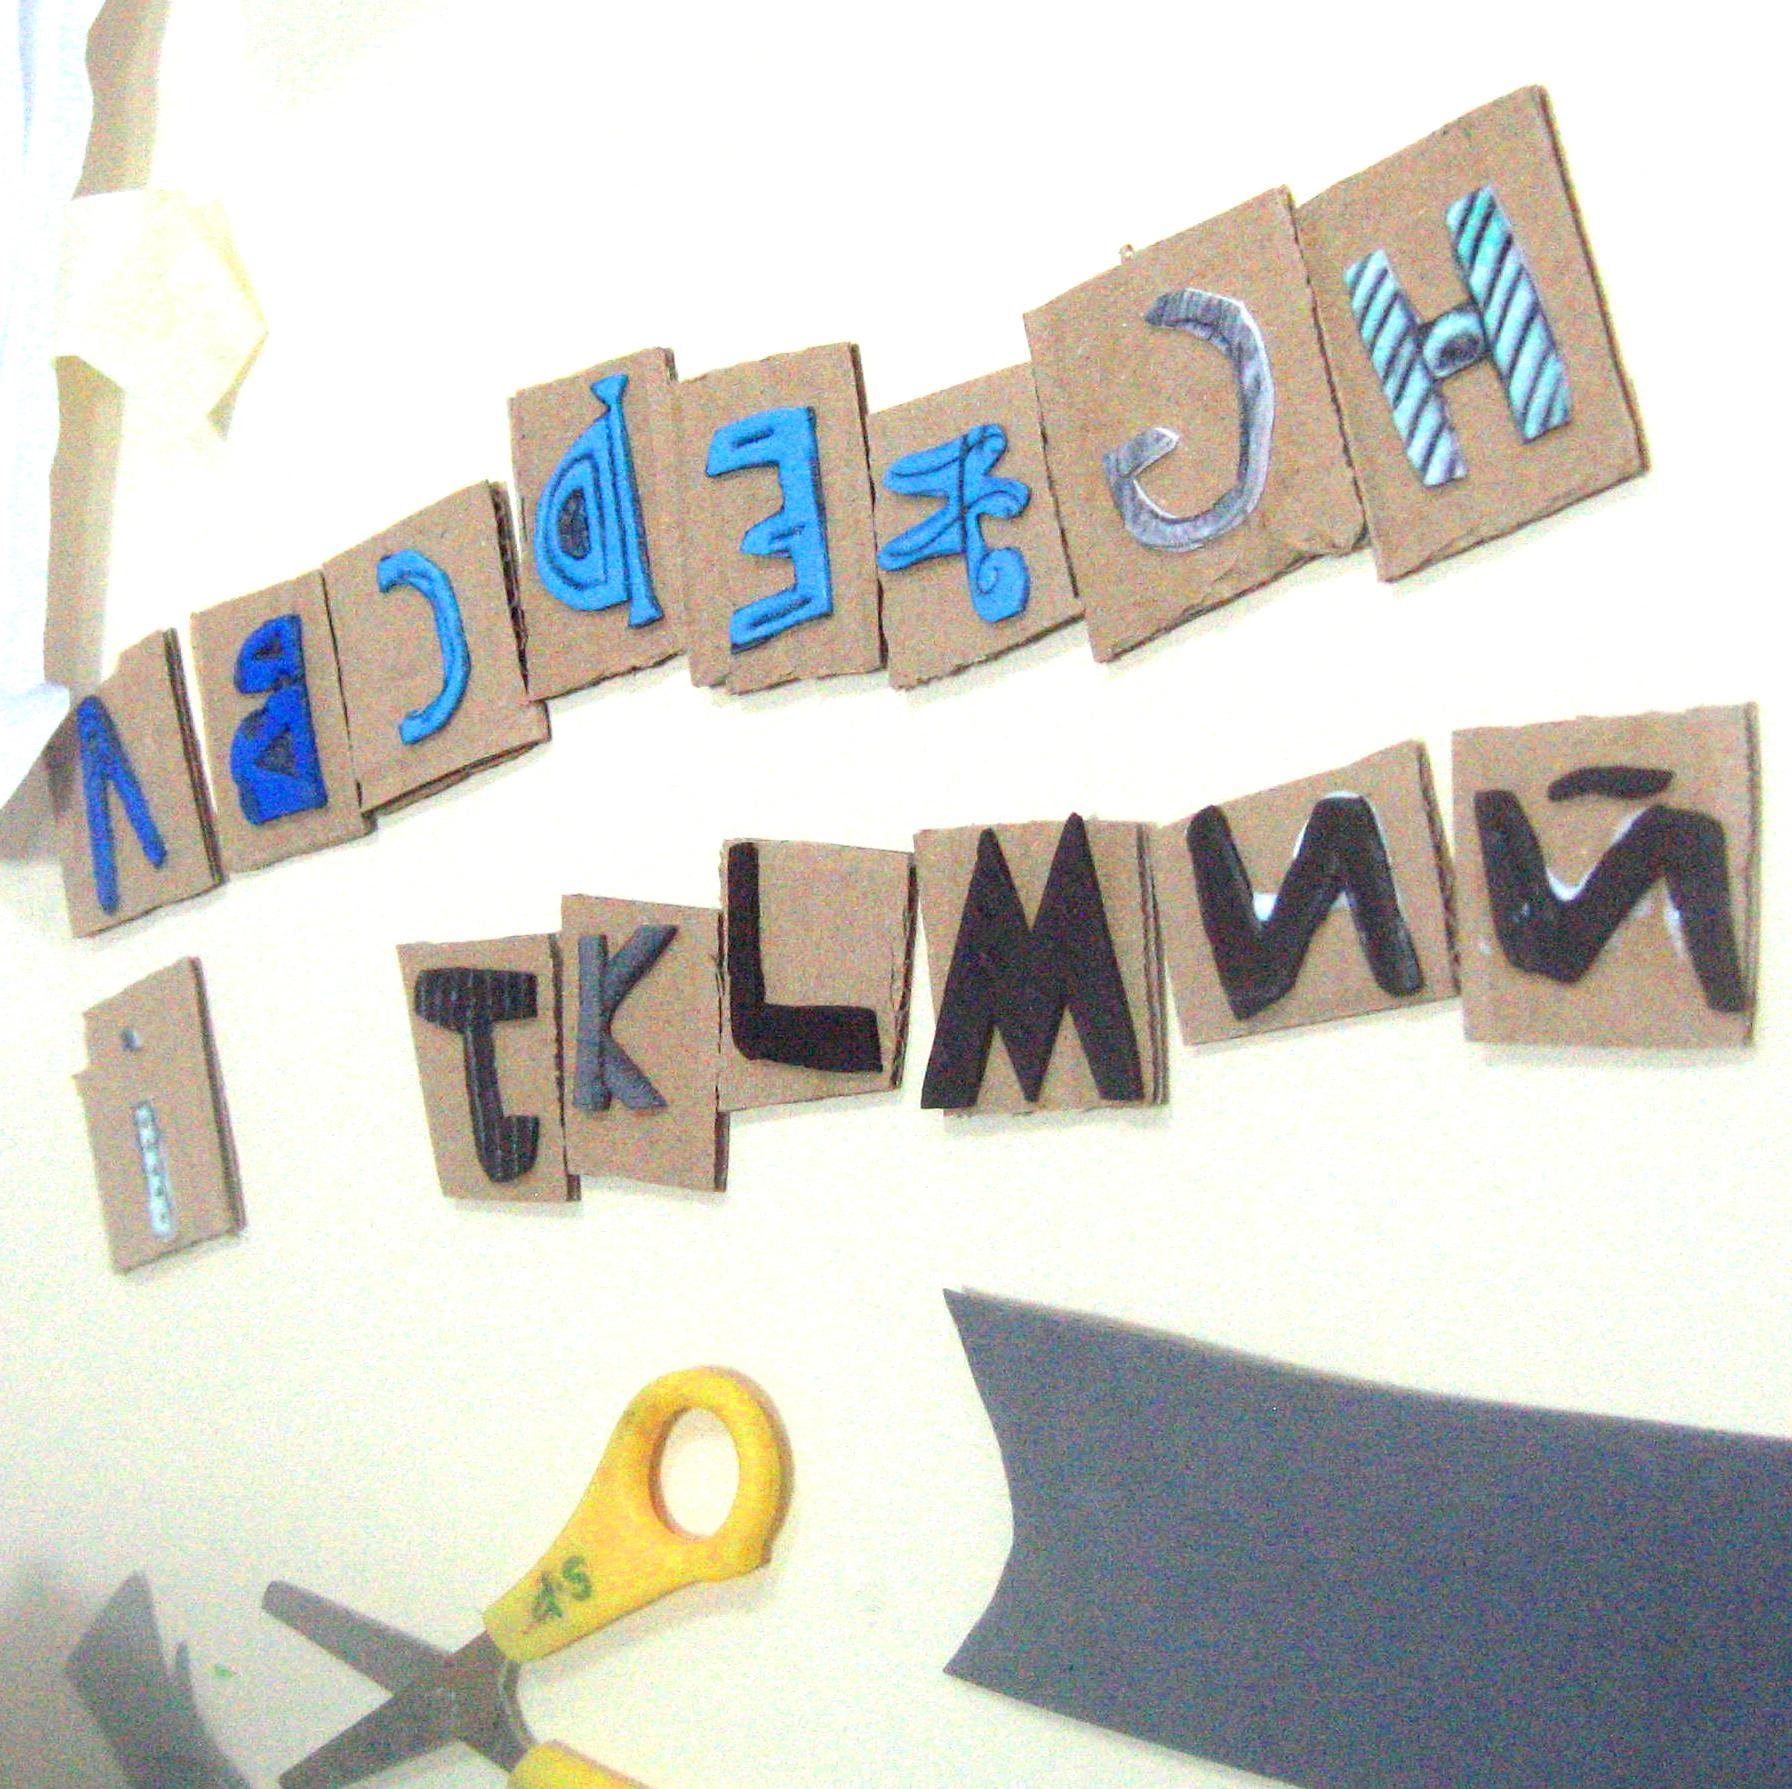 letras rellenas.jpg